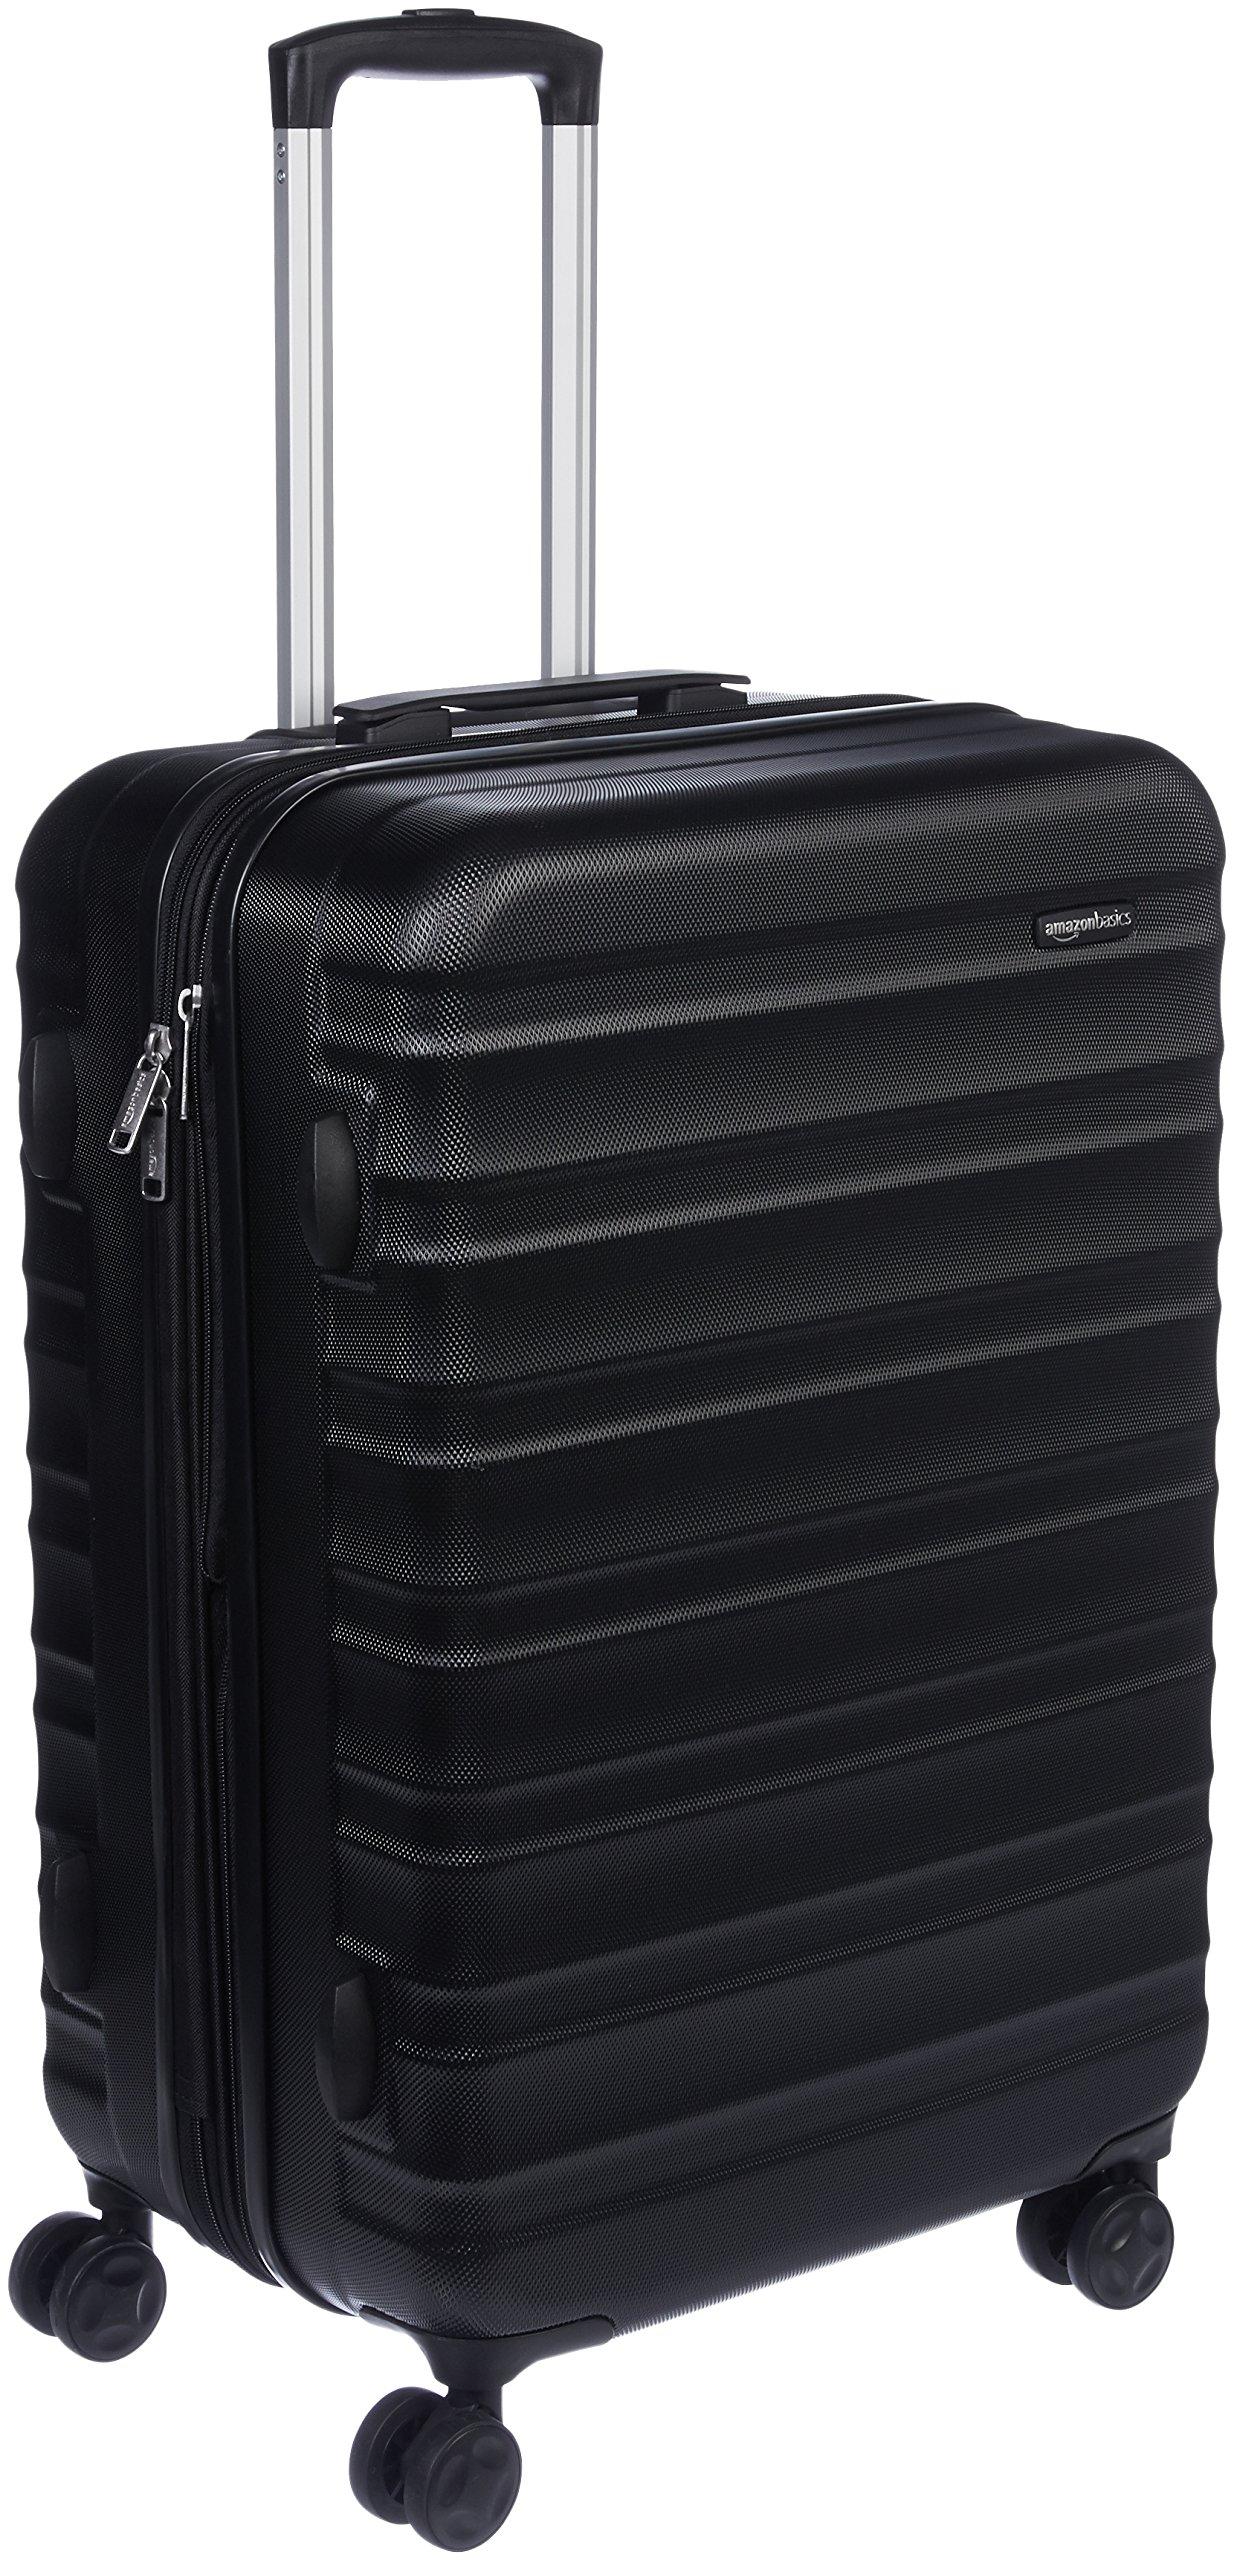 AmazonBasics Hardside Spinner Travel Luggage Suitcase - 24 Inch, Black by AmazonBasics